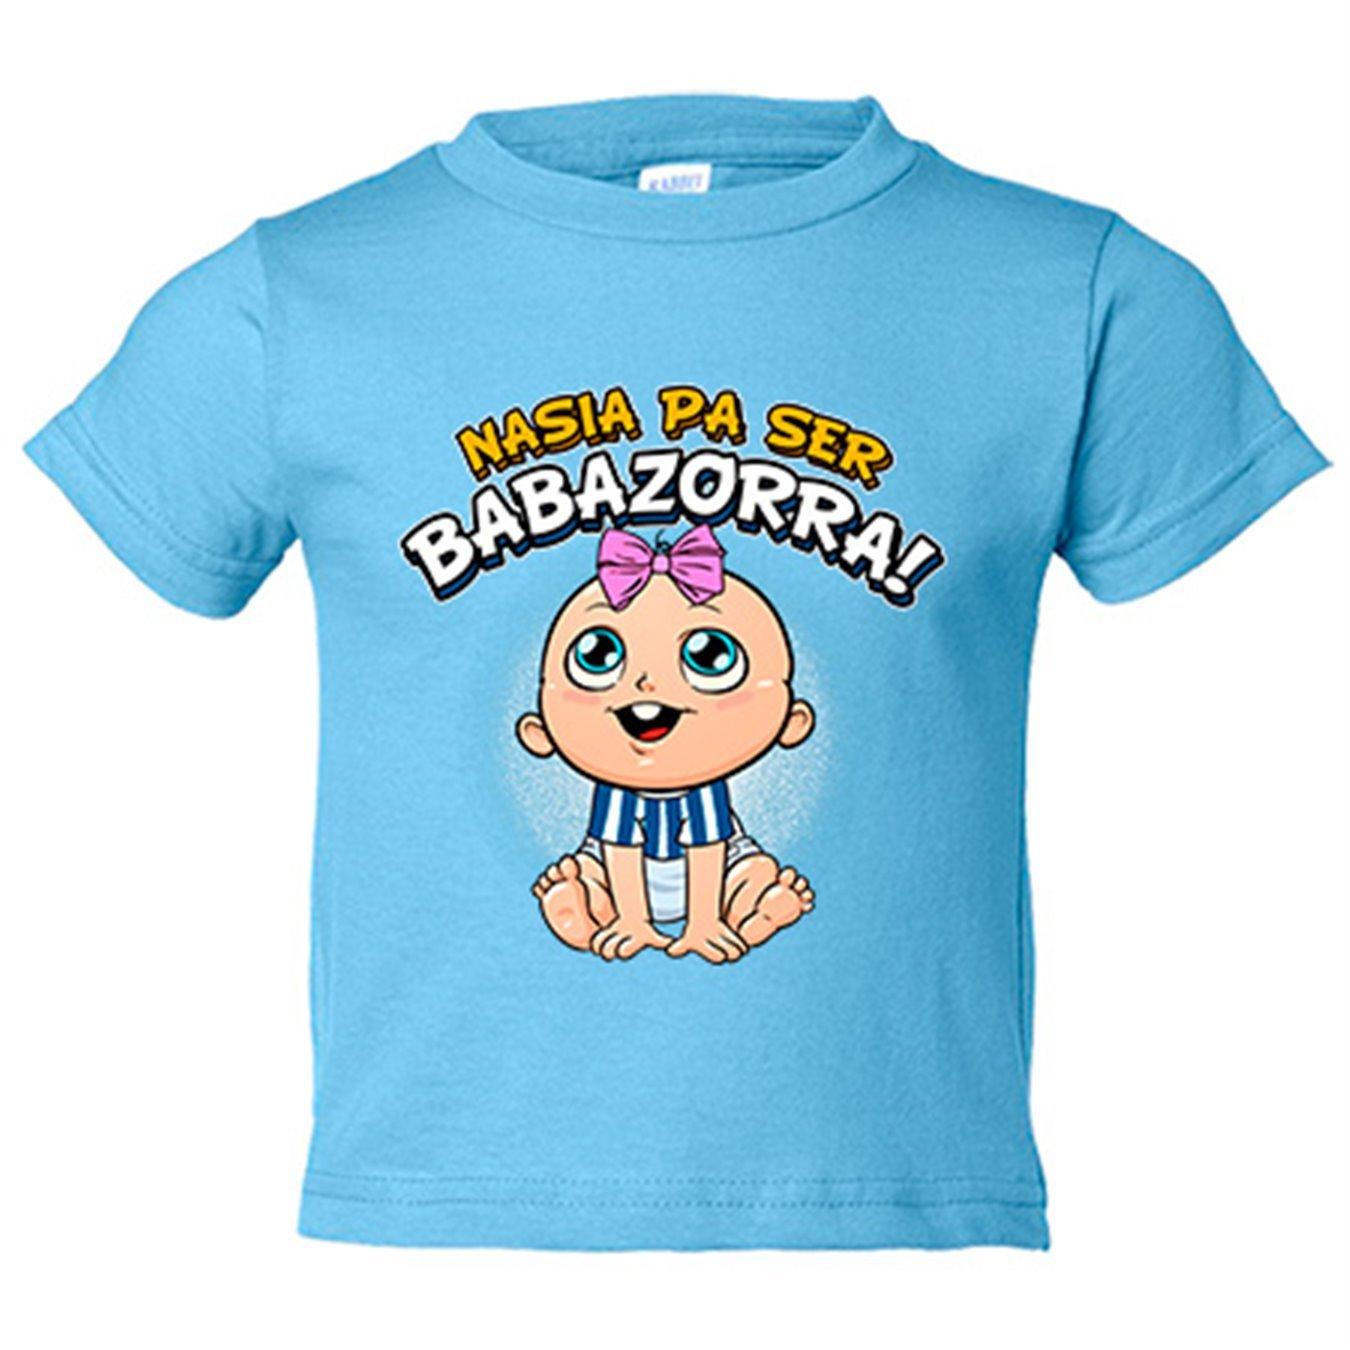 Camiseta niño nacida para ser Babazorra Alavés fútbol - Azul Royal, 3-4 años: Amazon.es: Bebé